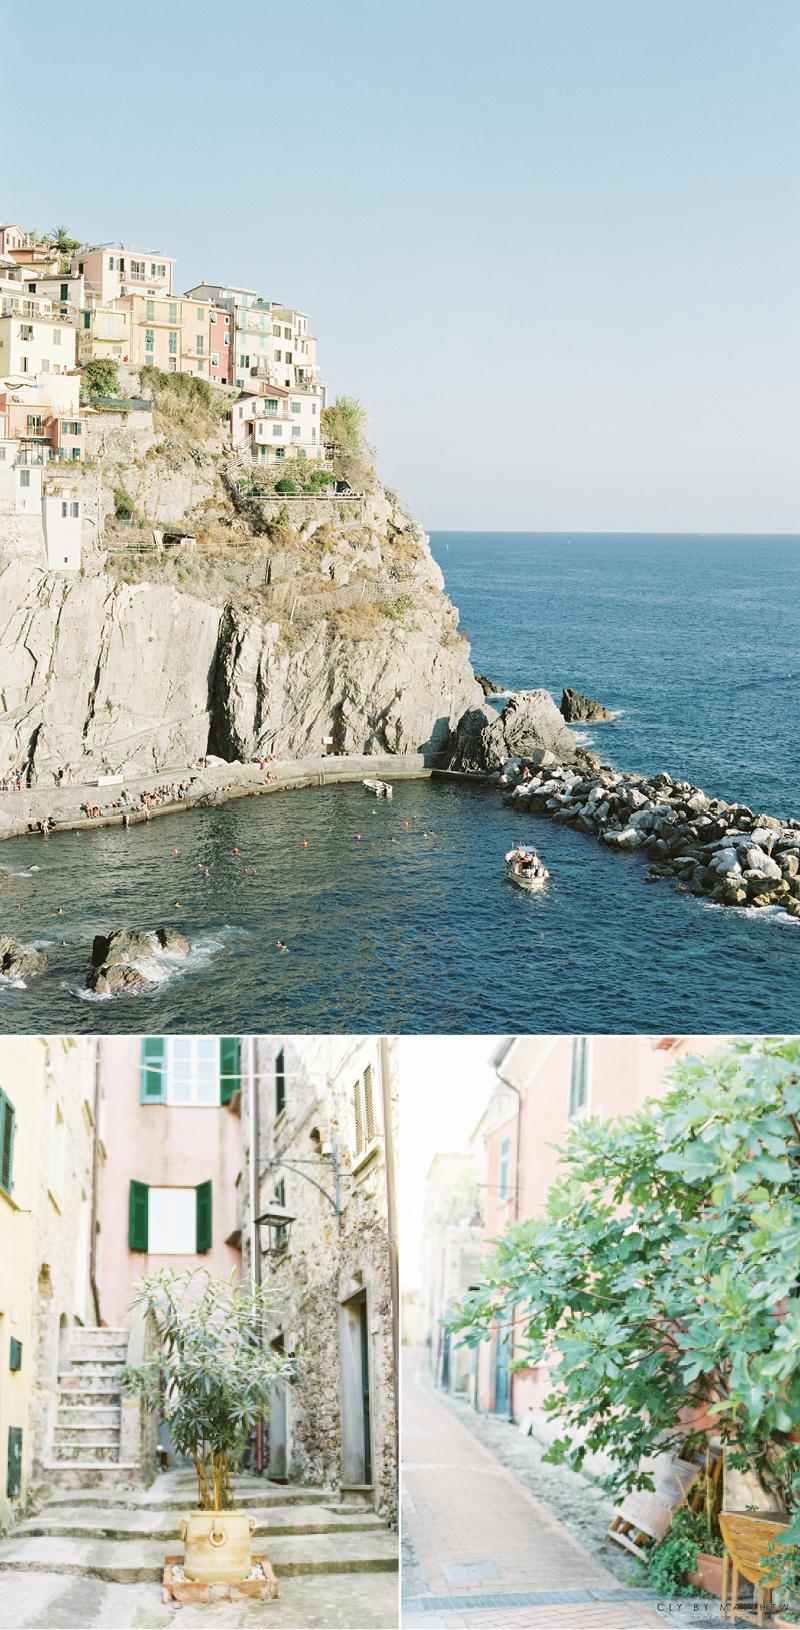 CLYBYMATTHEW_Italy 001.jpg